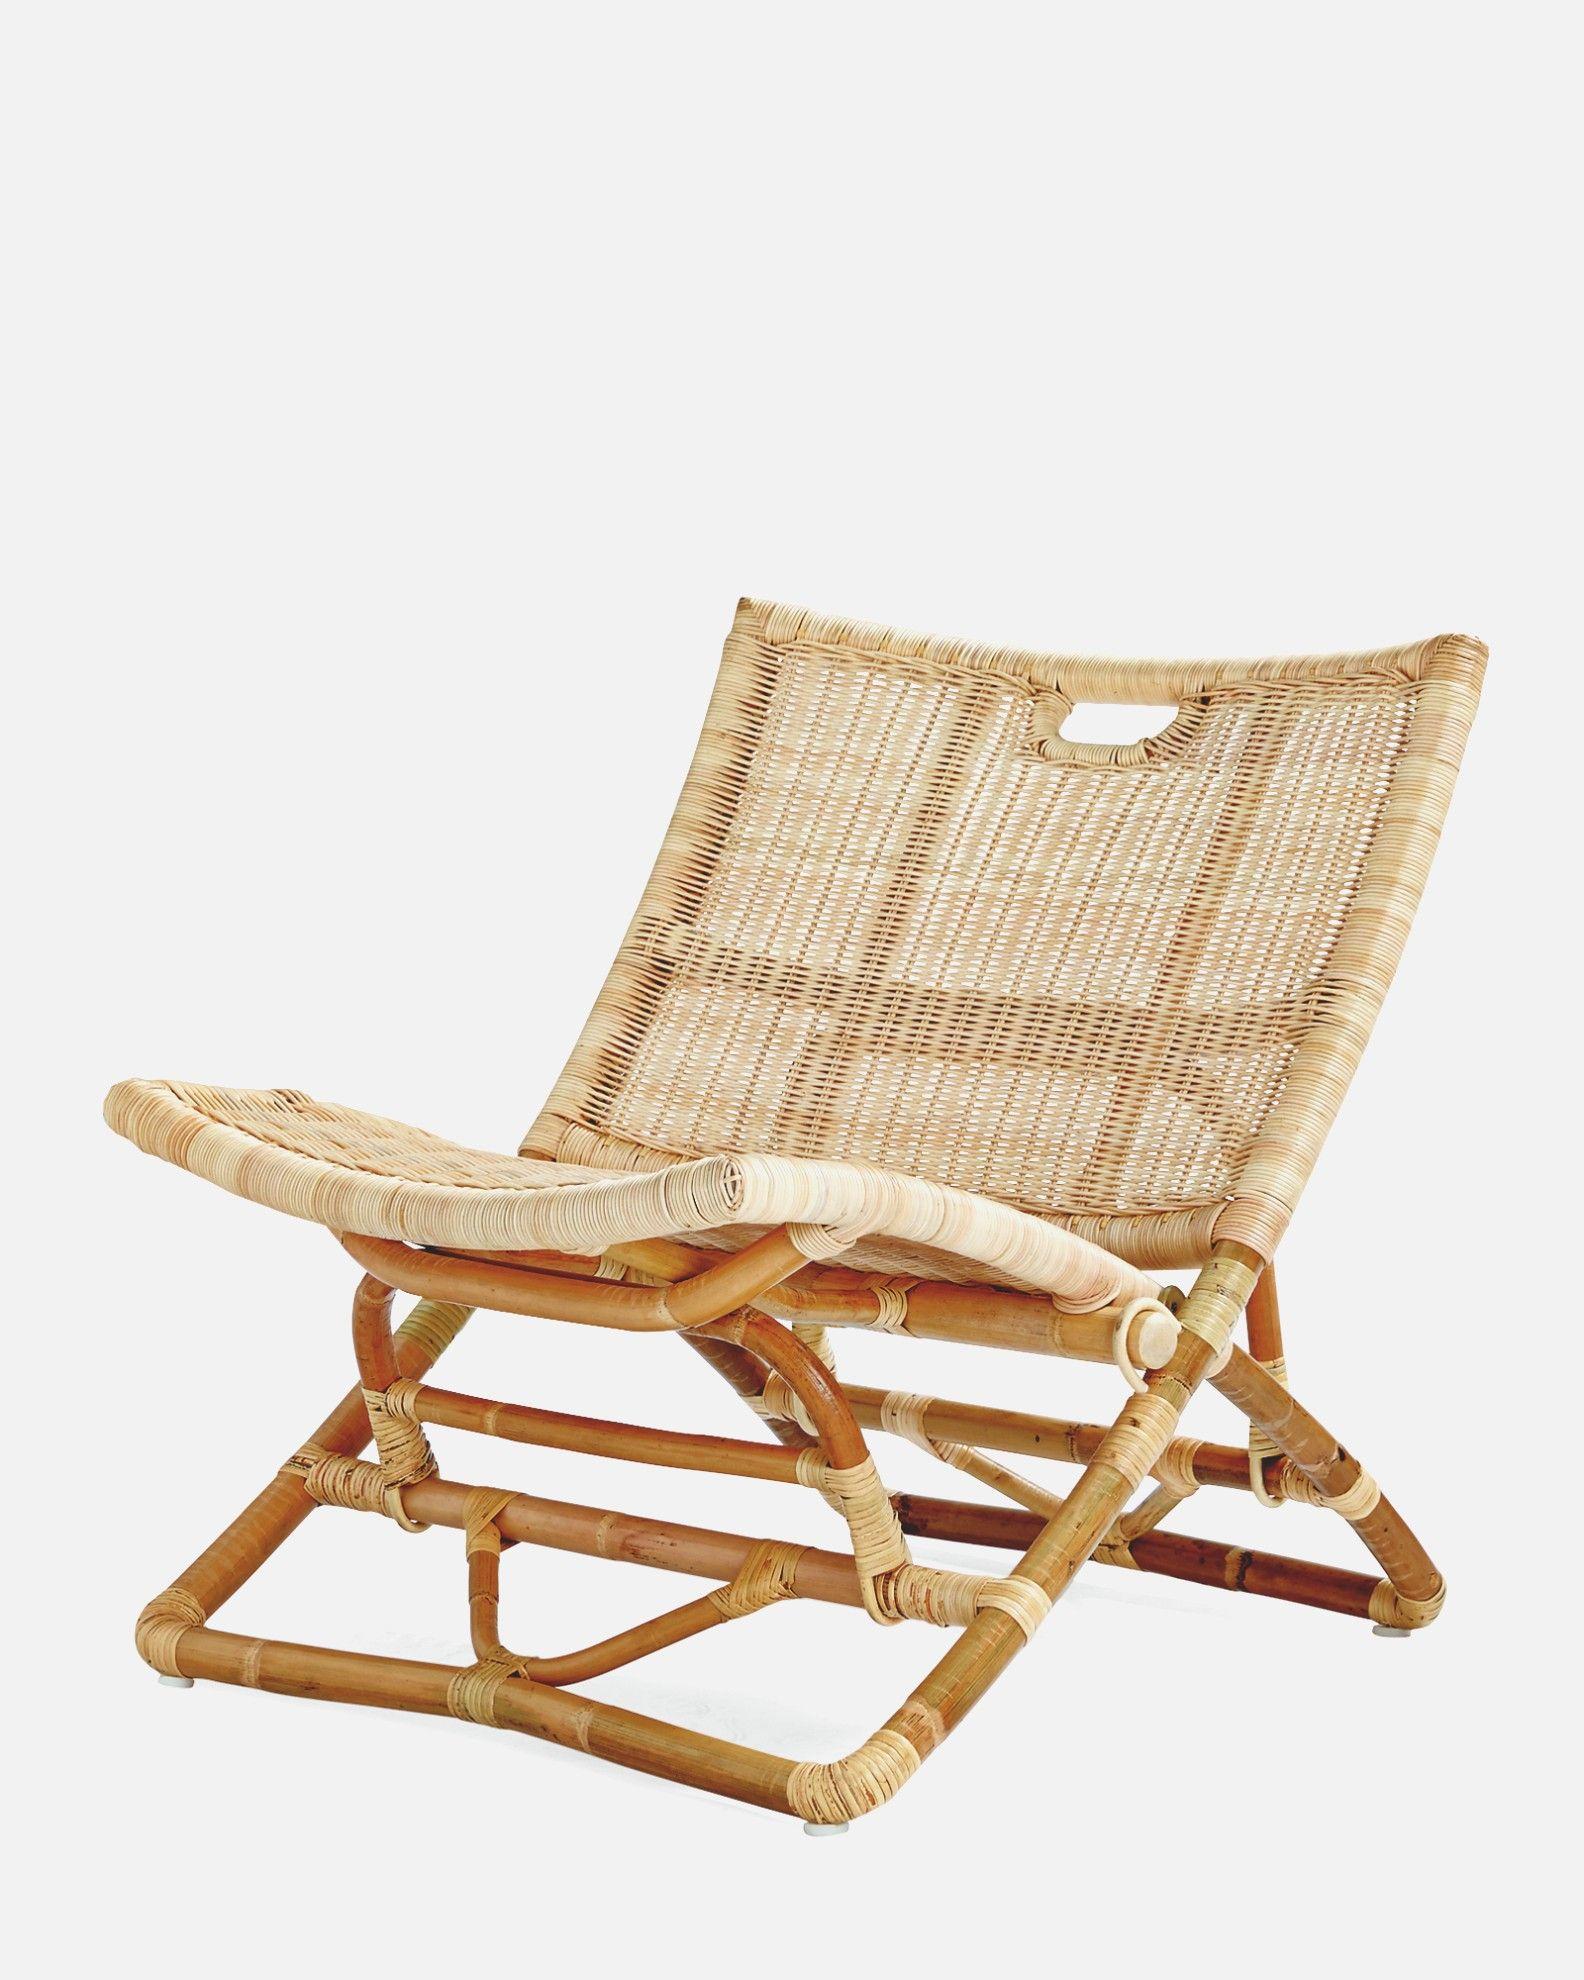 Genial Folding Chairs Menards   Folding Chairs At Menards, Folding Chairs Menards,  Folding Lawn Chairs